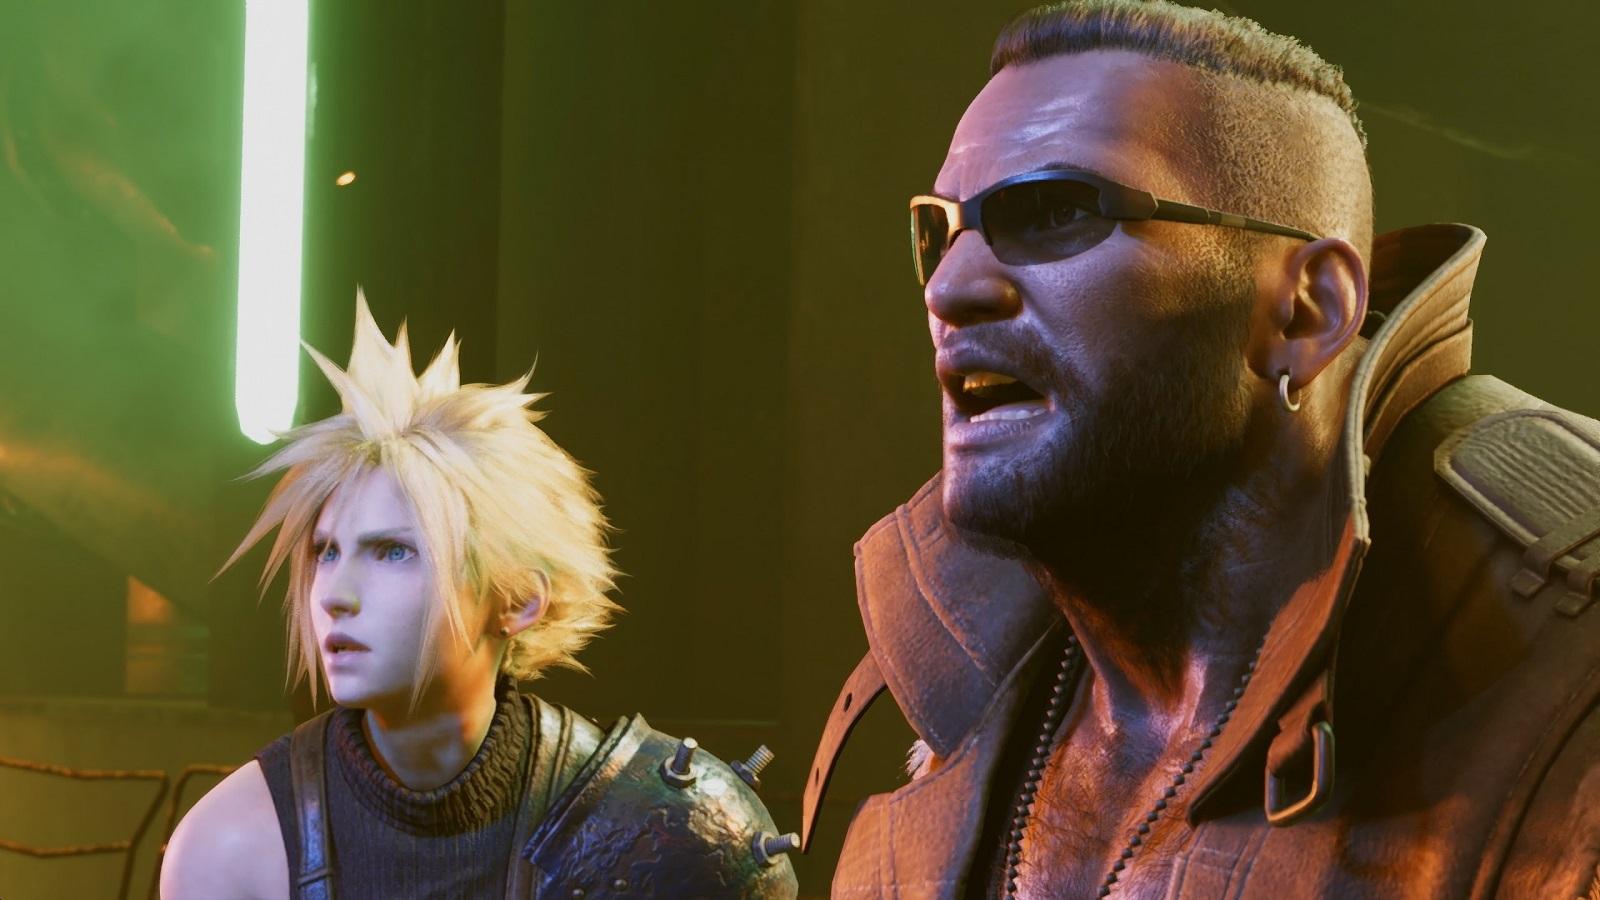 В PS Store началась «Чёрная пятница» со скидками на игры для PS5, релизы этого года и главные эксклюзивы PS4